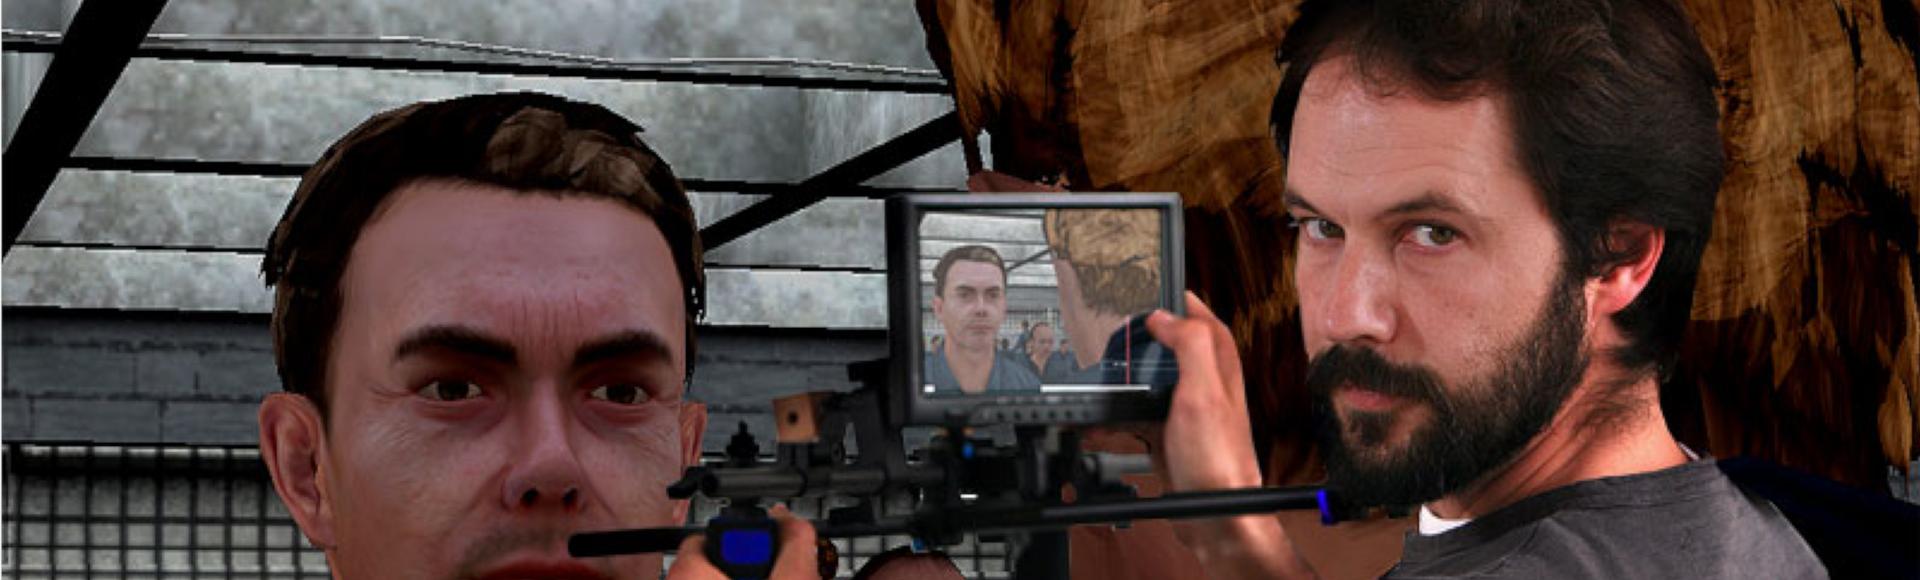 Director's Lens